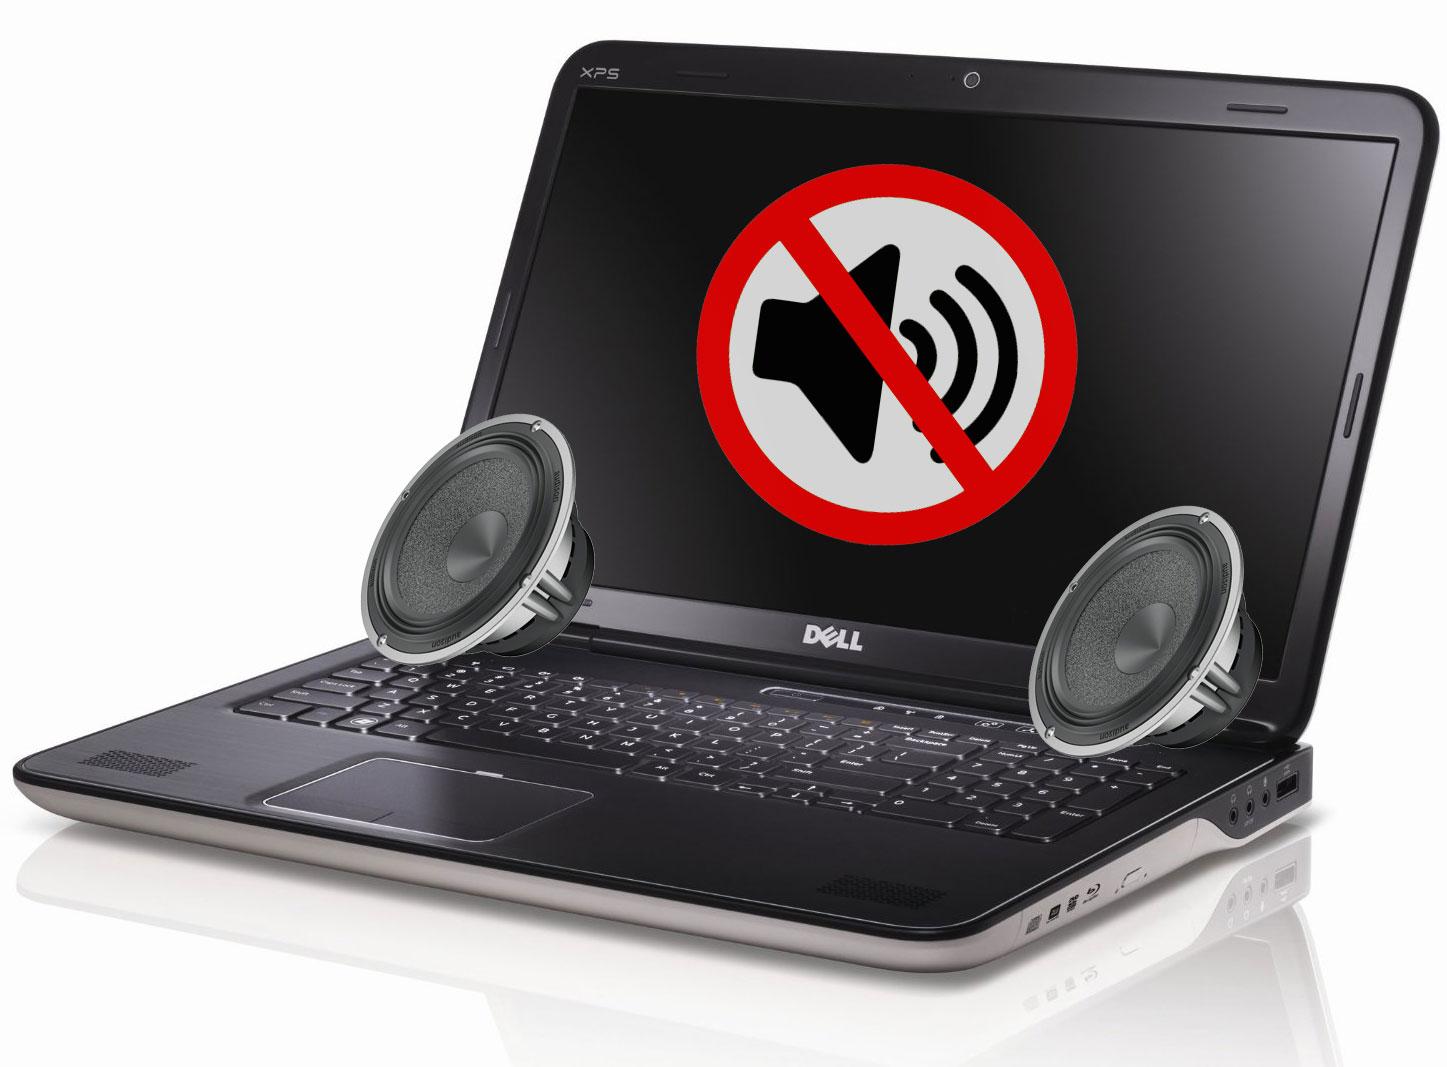 У ноутбука звук встроен в корпус